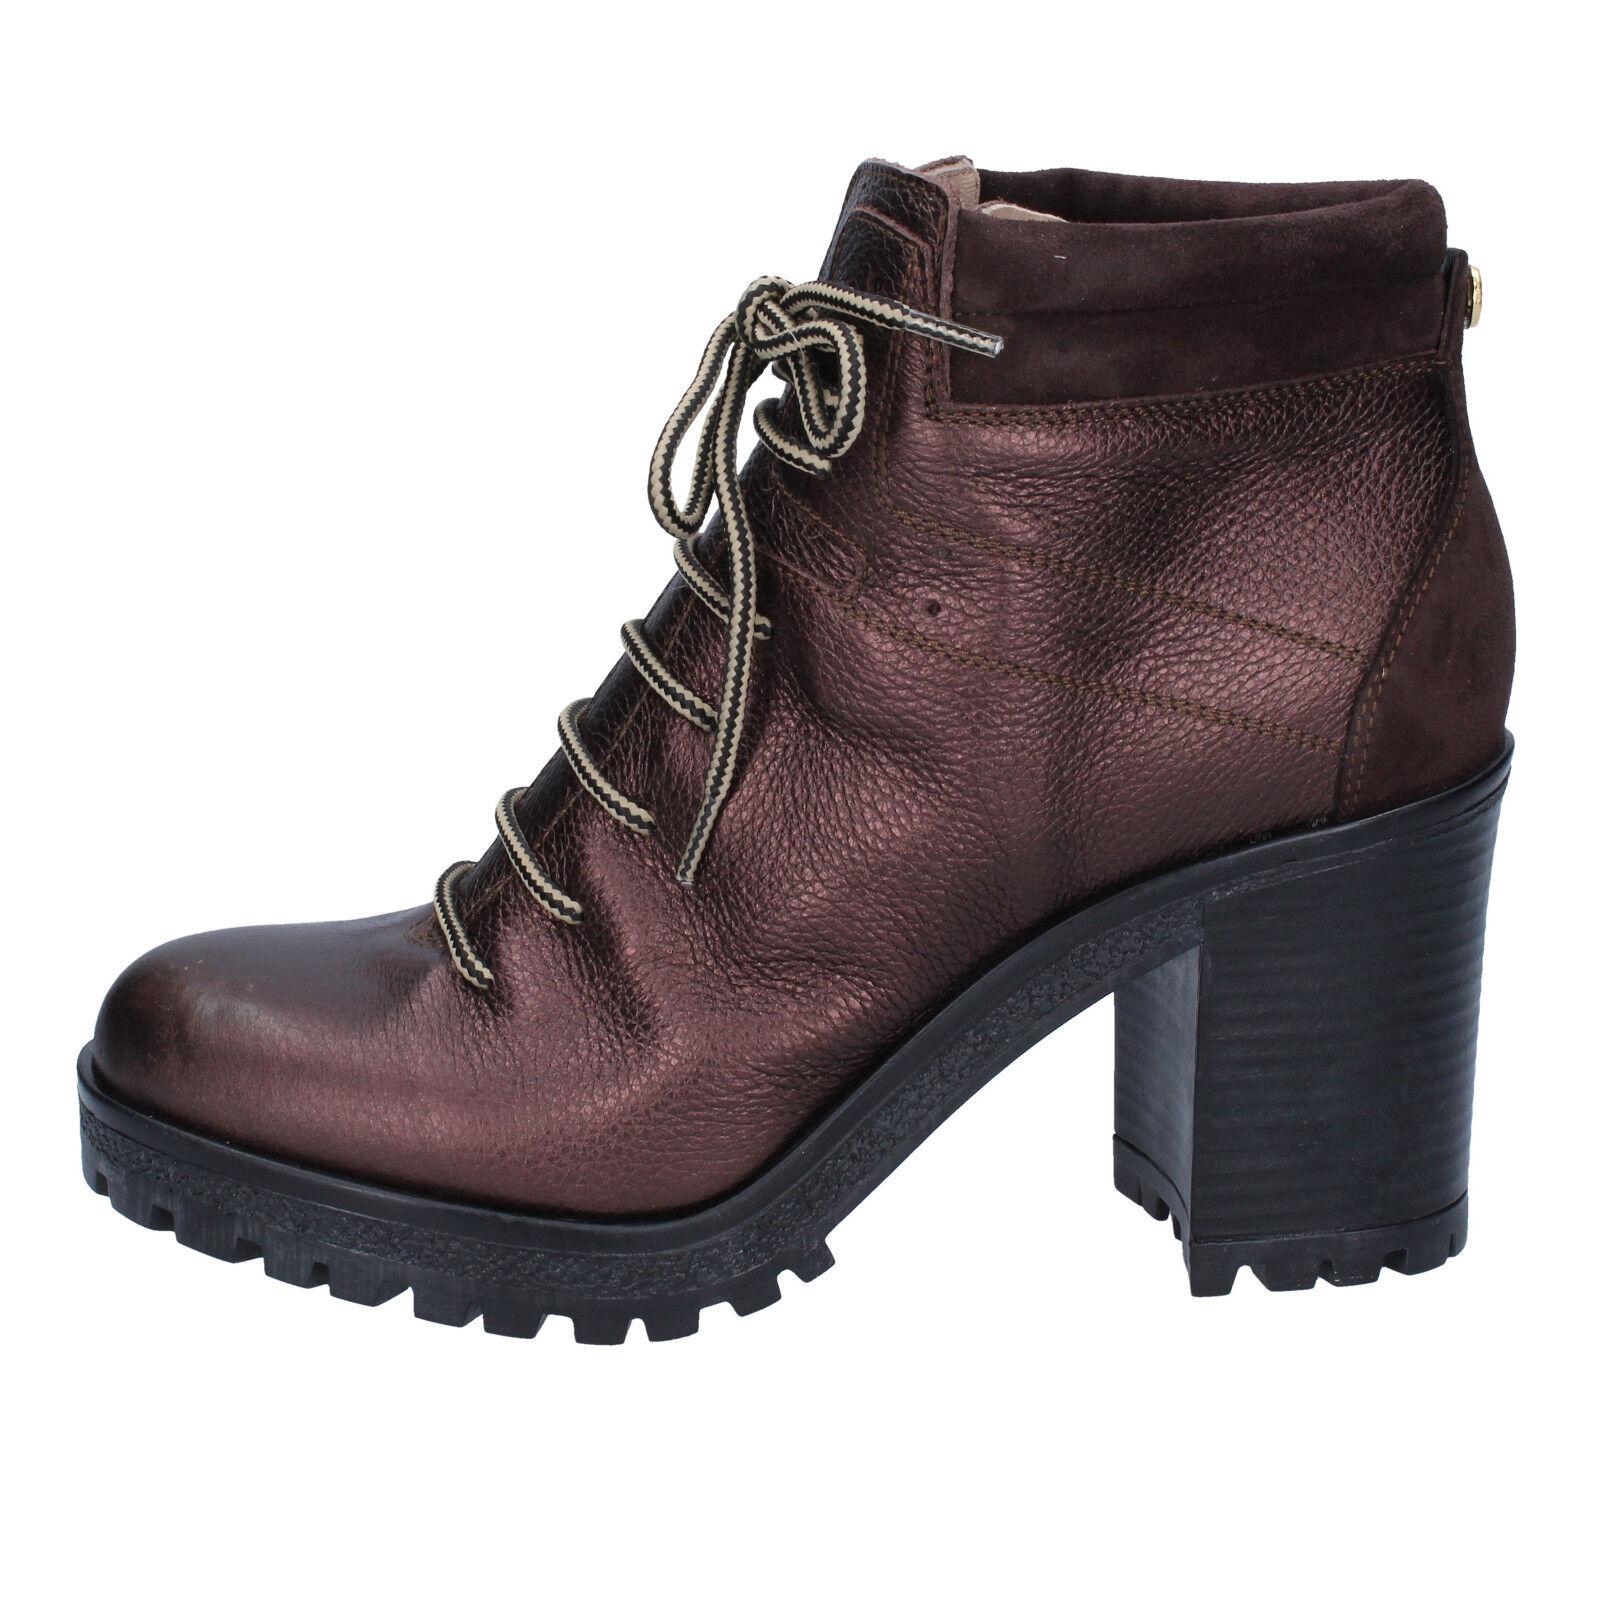 scarpe donna moro LIU JO 36 EU stivaletti t. moro donna pelle camoscio BY638-36 7dbcf7